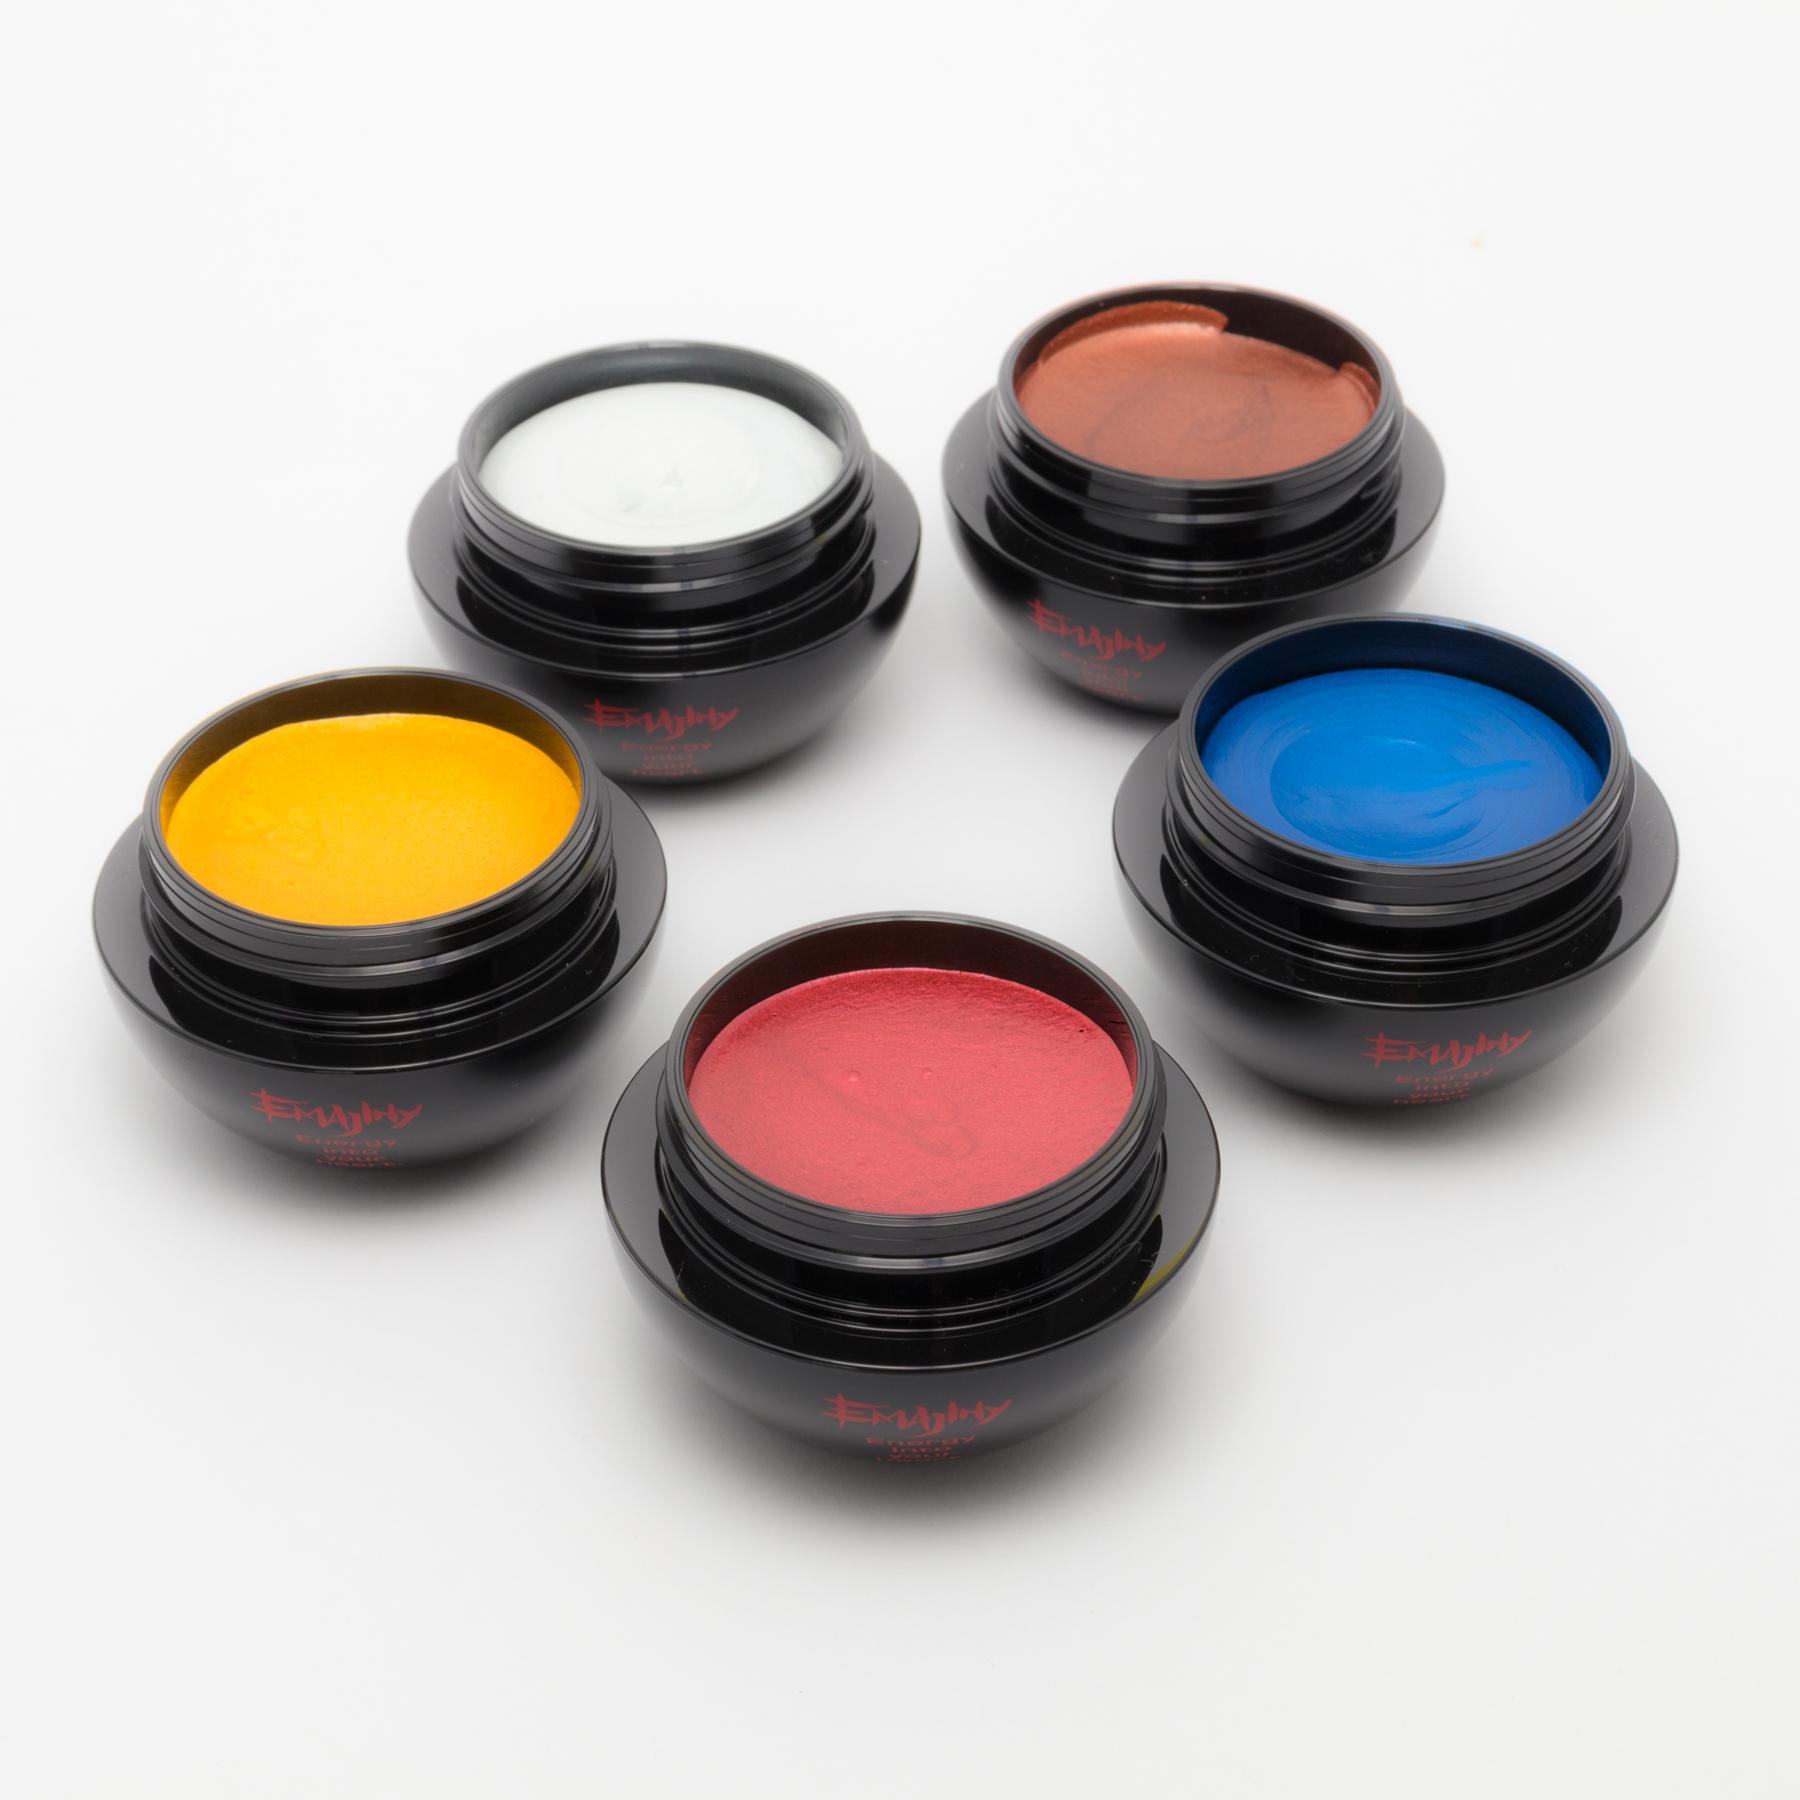 Regular colors